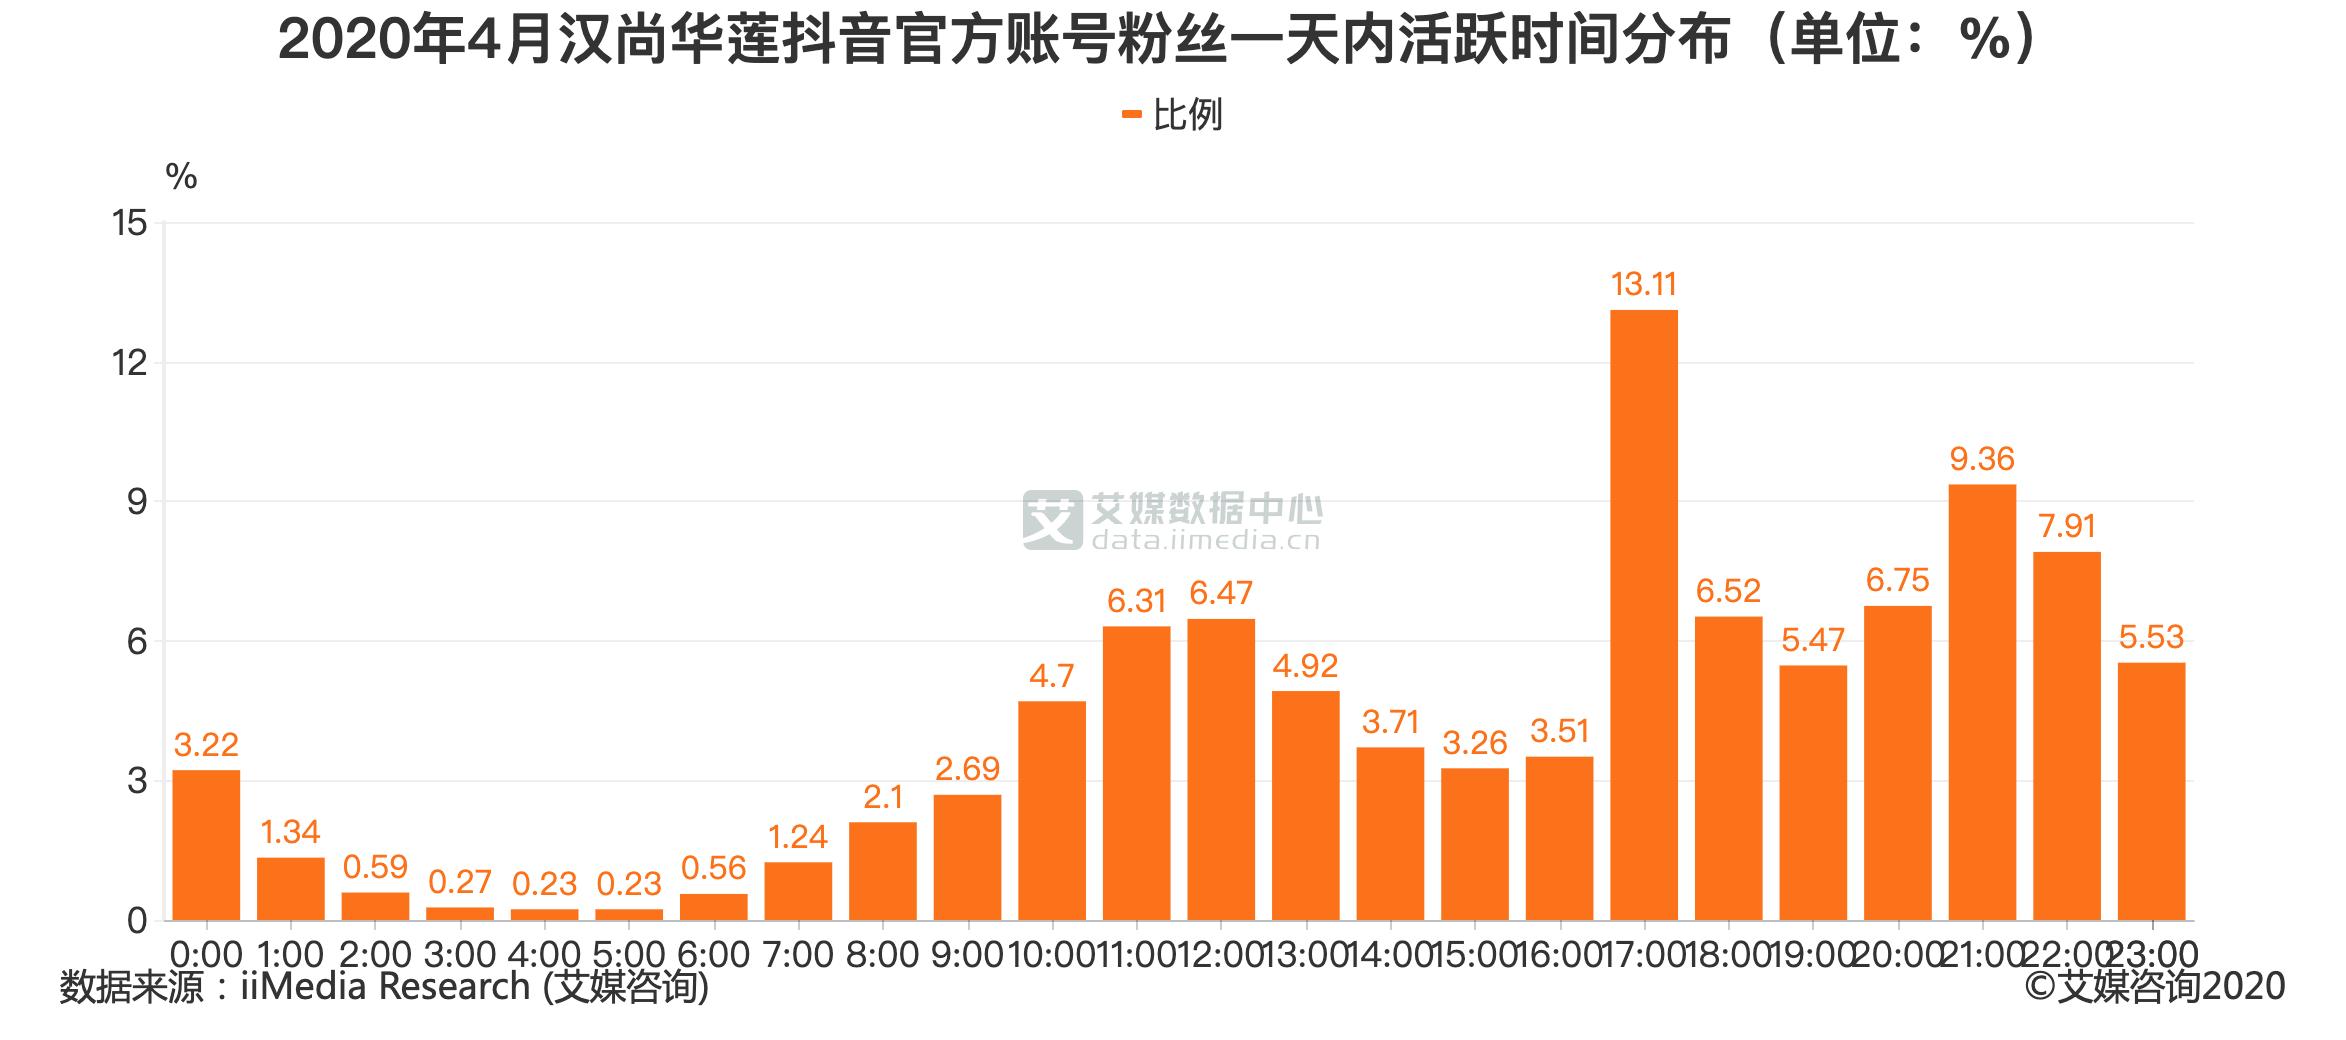 2020年4月汉尚华莲抖音官方账号粉丝一天内活跃时间分布(单位:%)